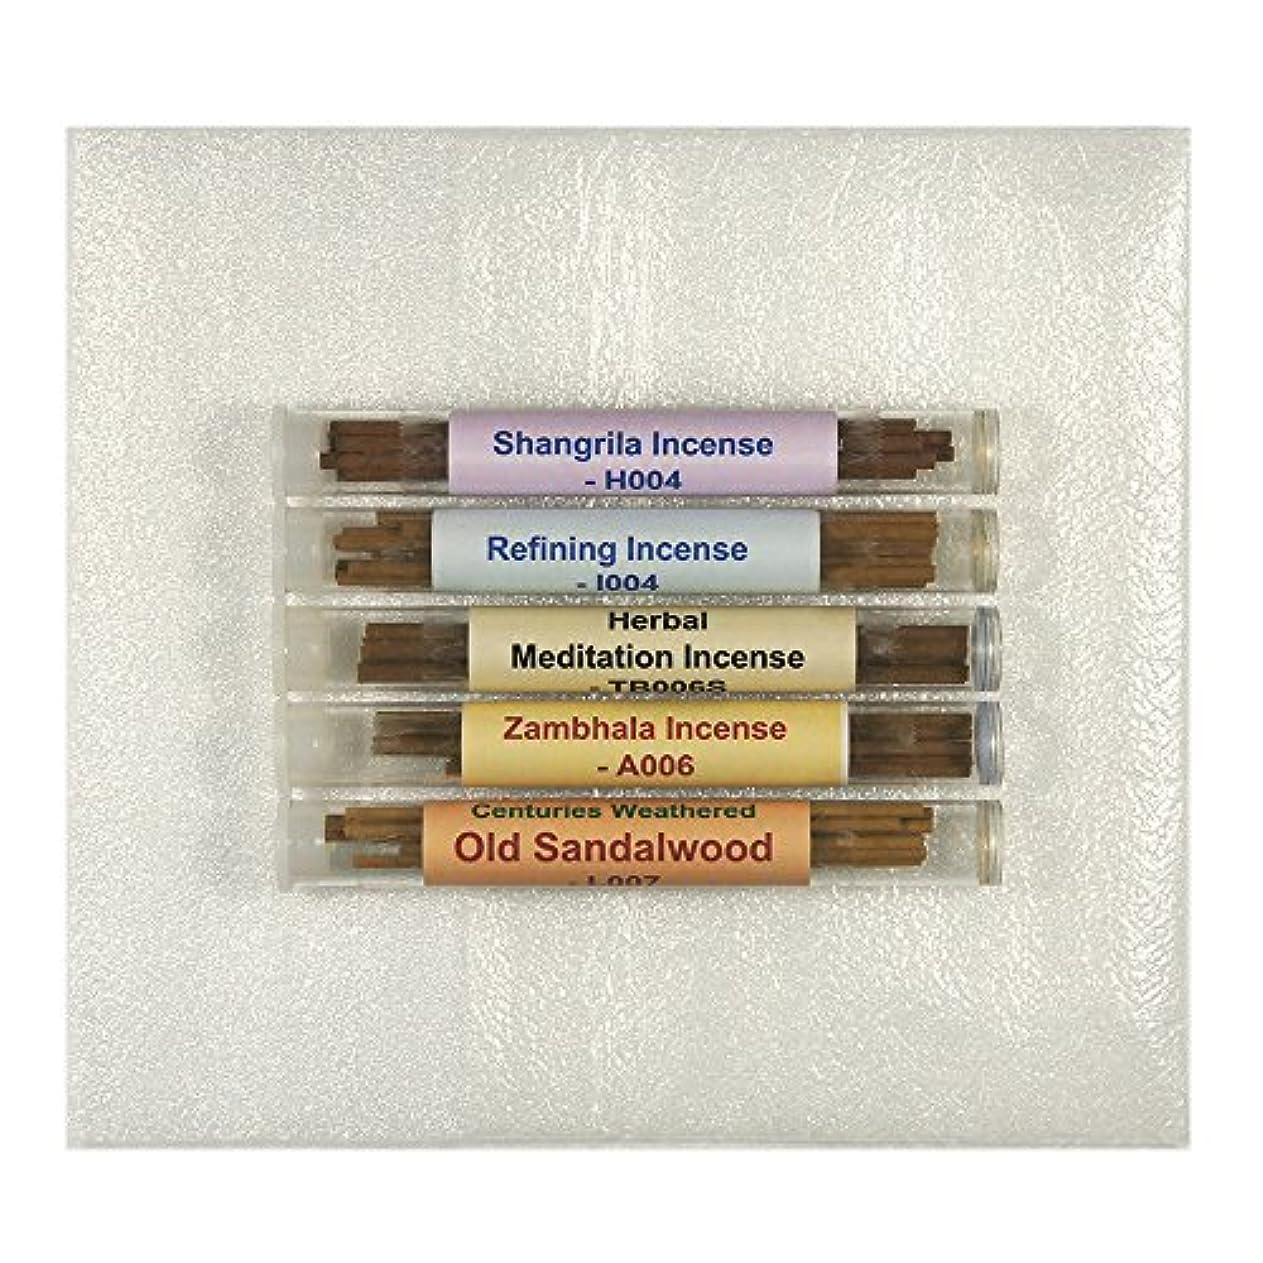 狂気後運動するチベット香サンプルパック# 2 – 5チューブセット – [ Shangrila Incense + Refining Incense +ハーブMeditation Incense ø4 mm + Zambhala Incense +風化何世紀も古いサンダルウッド] – tis552